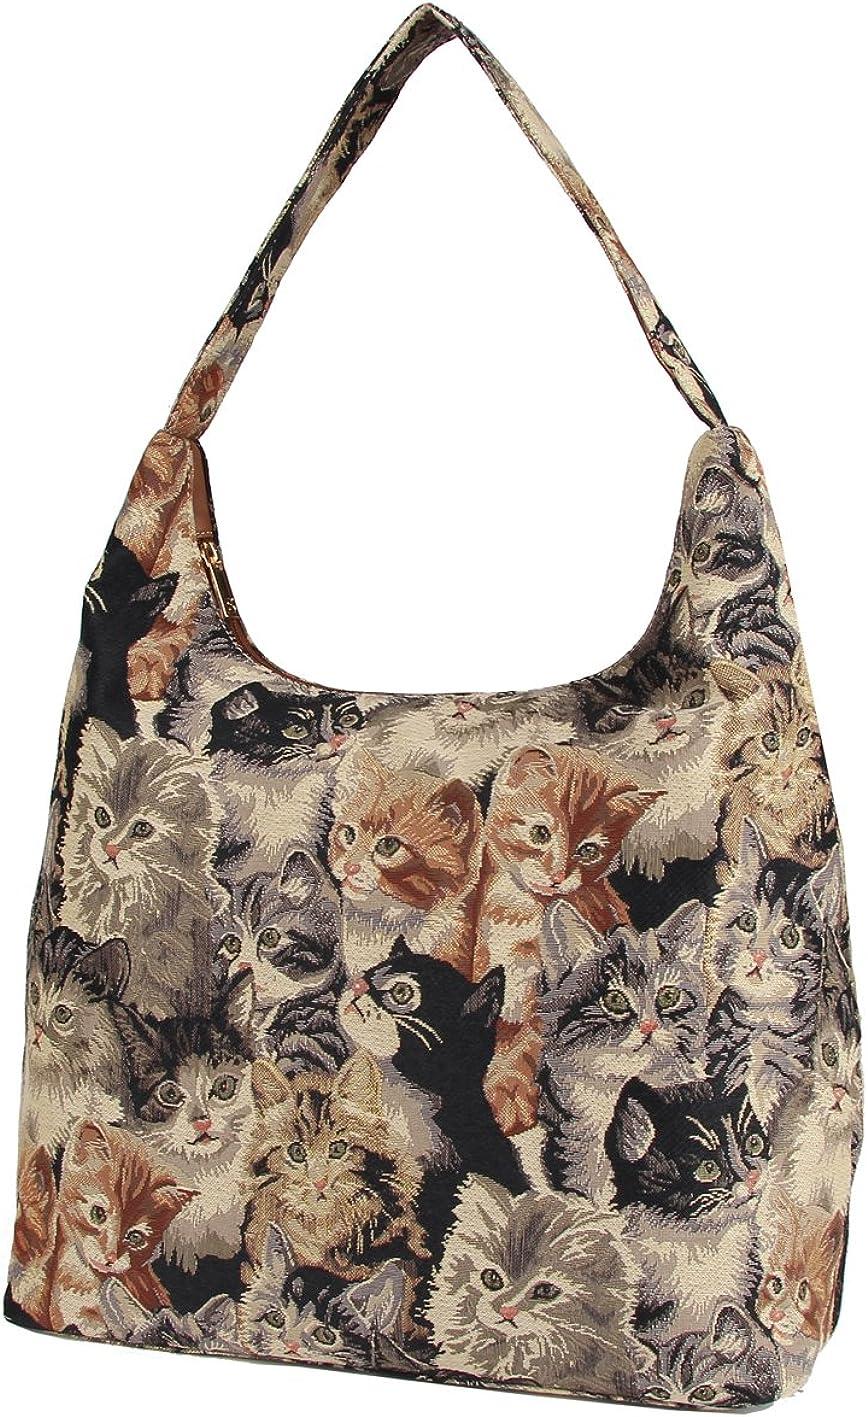 Signare Cat Print Ladies Tan Fashion Canvas Tapestry Top Zip Hobo Shoulder Bag Beach Bag HOBO -CAT